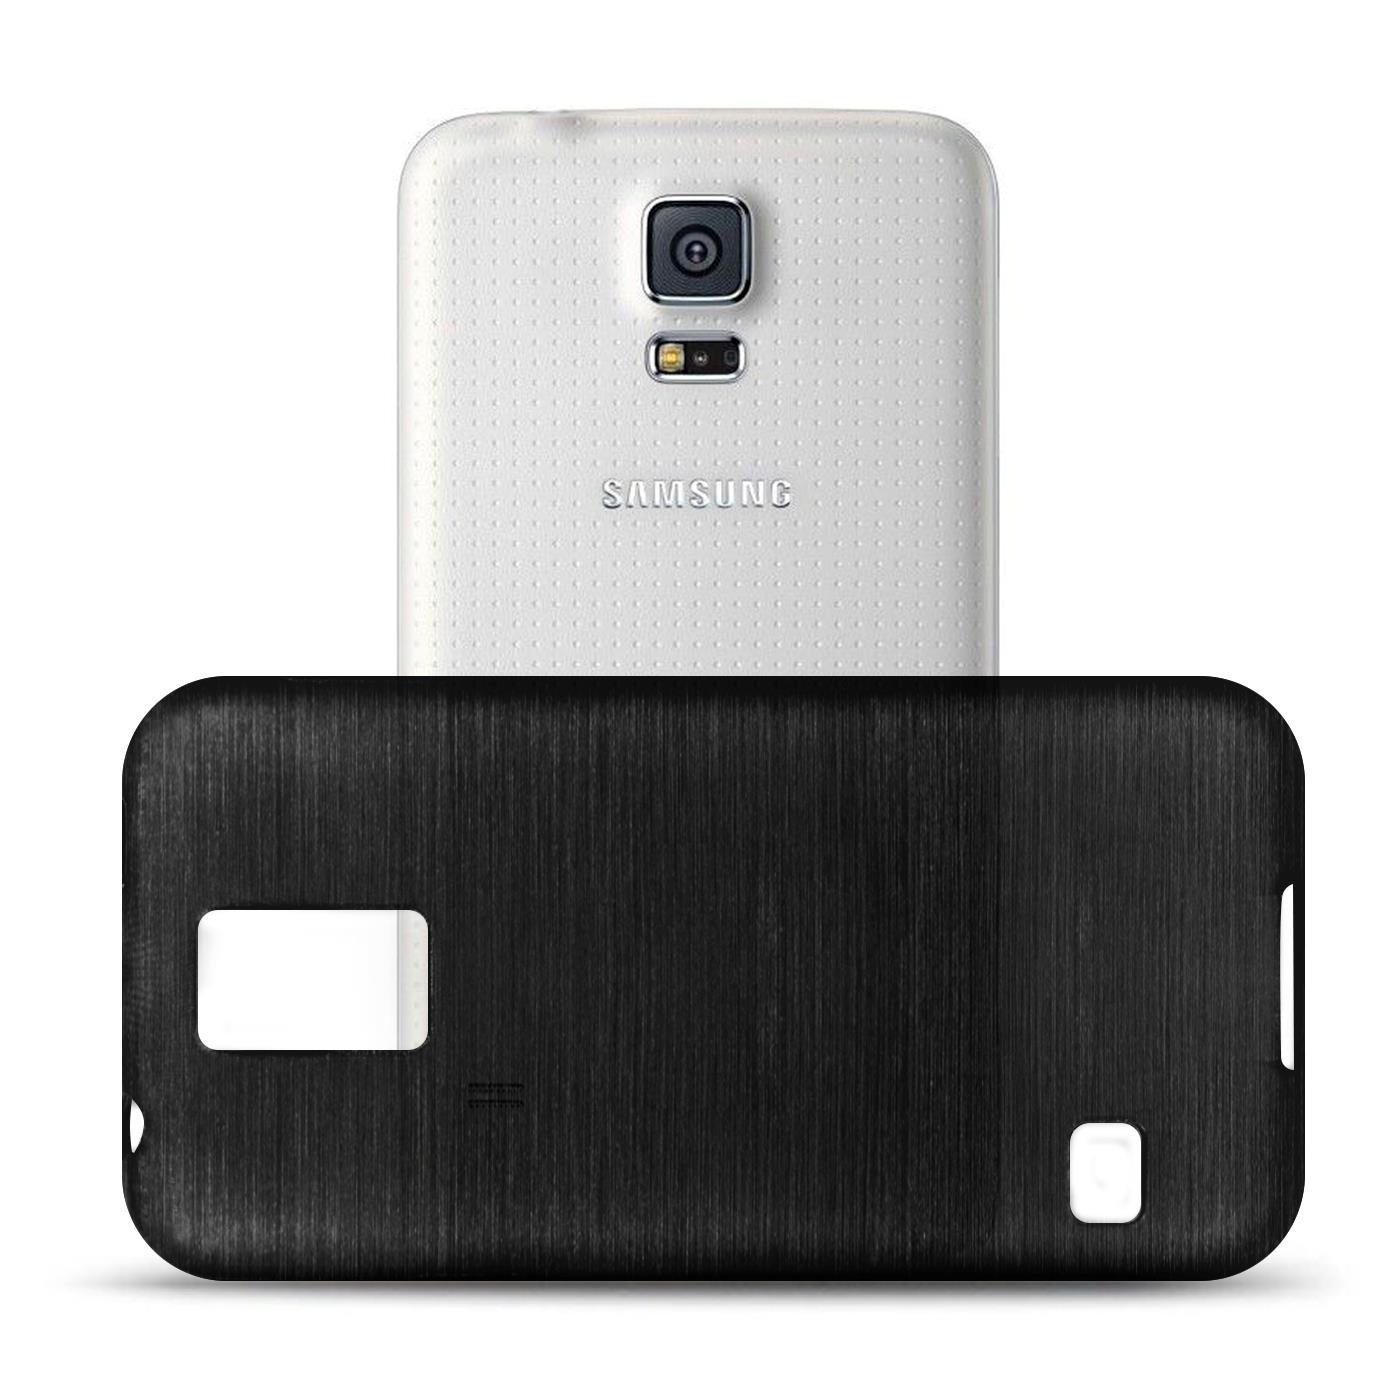 Silikon-Bumper-Case-Samsung-Galaxy-s5-Neo-duenne-ultra-slim-Stossfeste-Rueckschale Indexbild 40